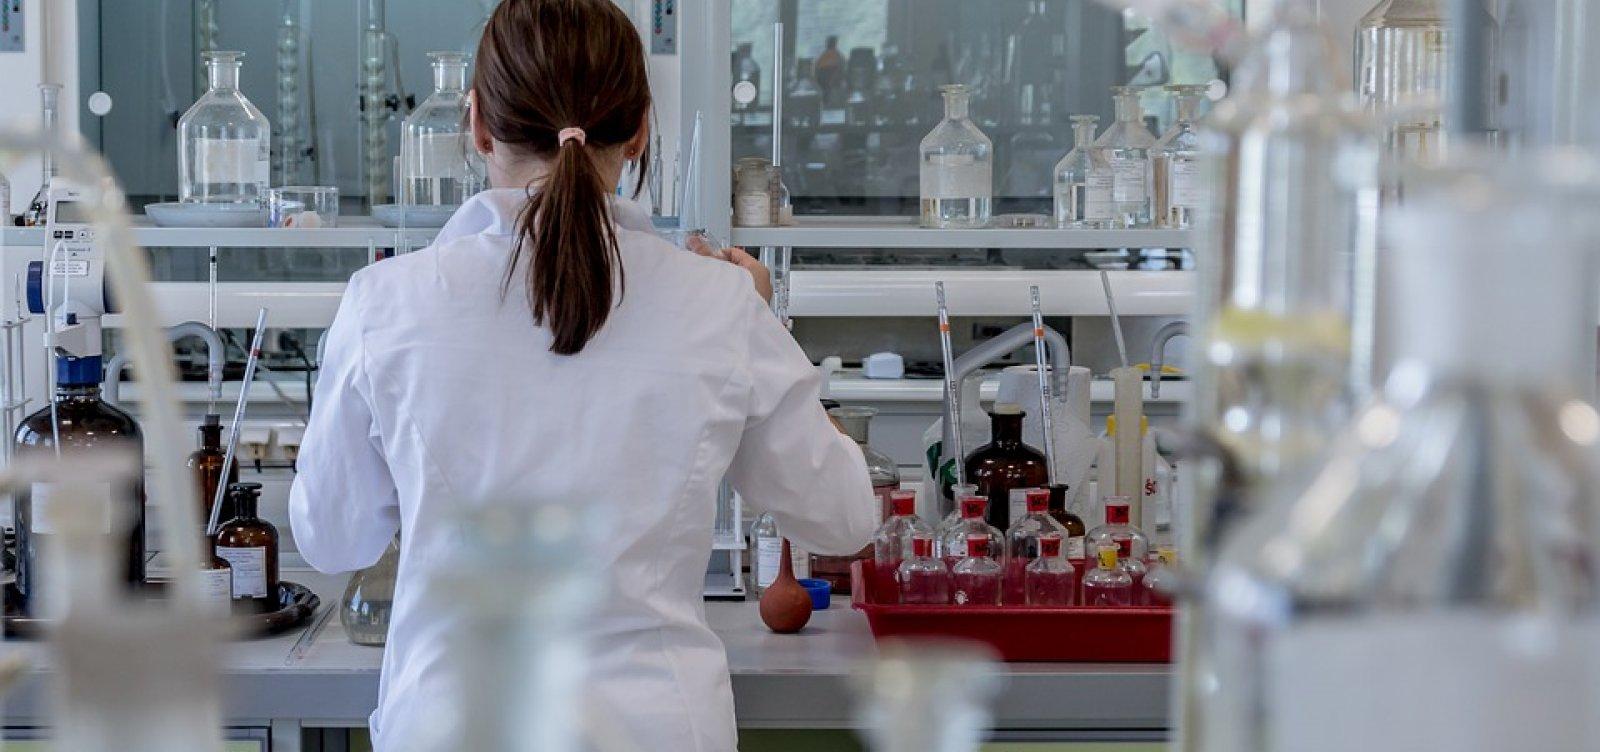 [Pesquisadores descobrem molécula que pode tratar câncer de ovário]